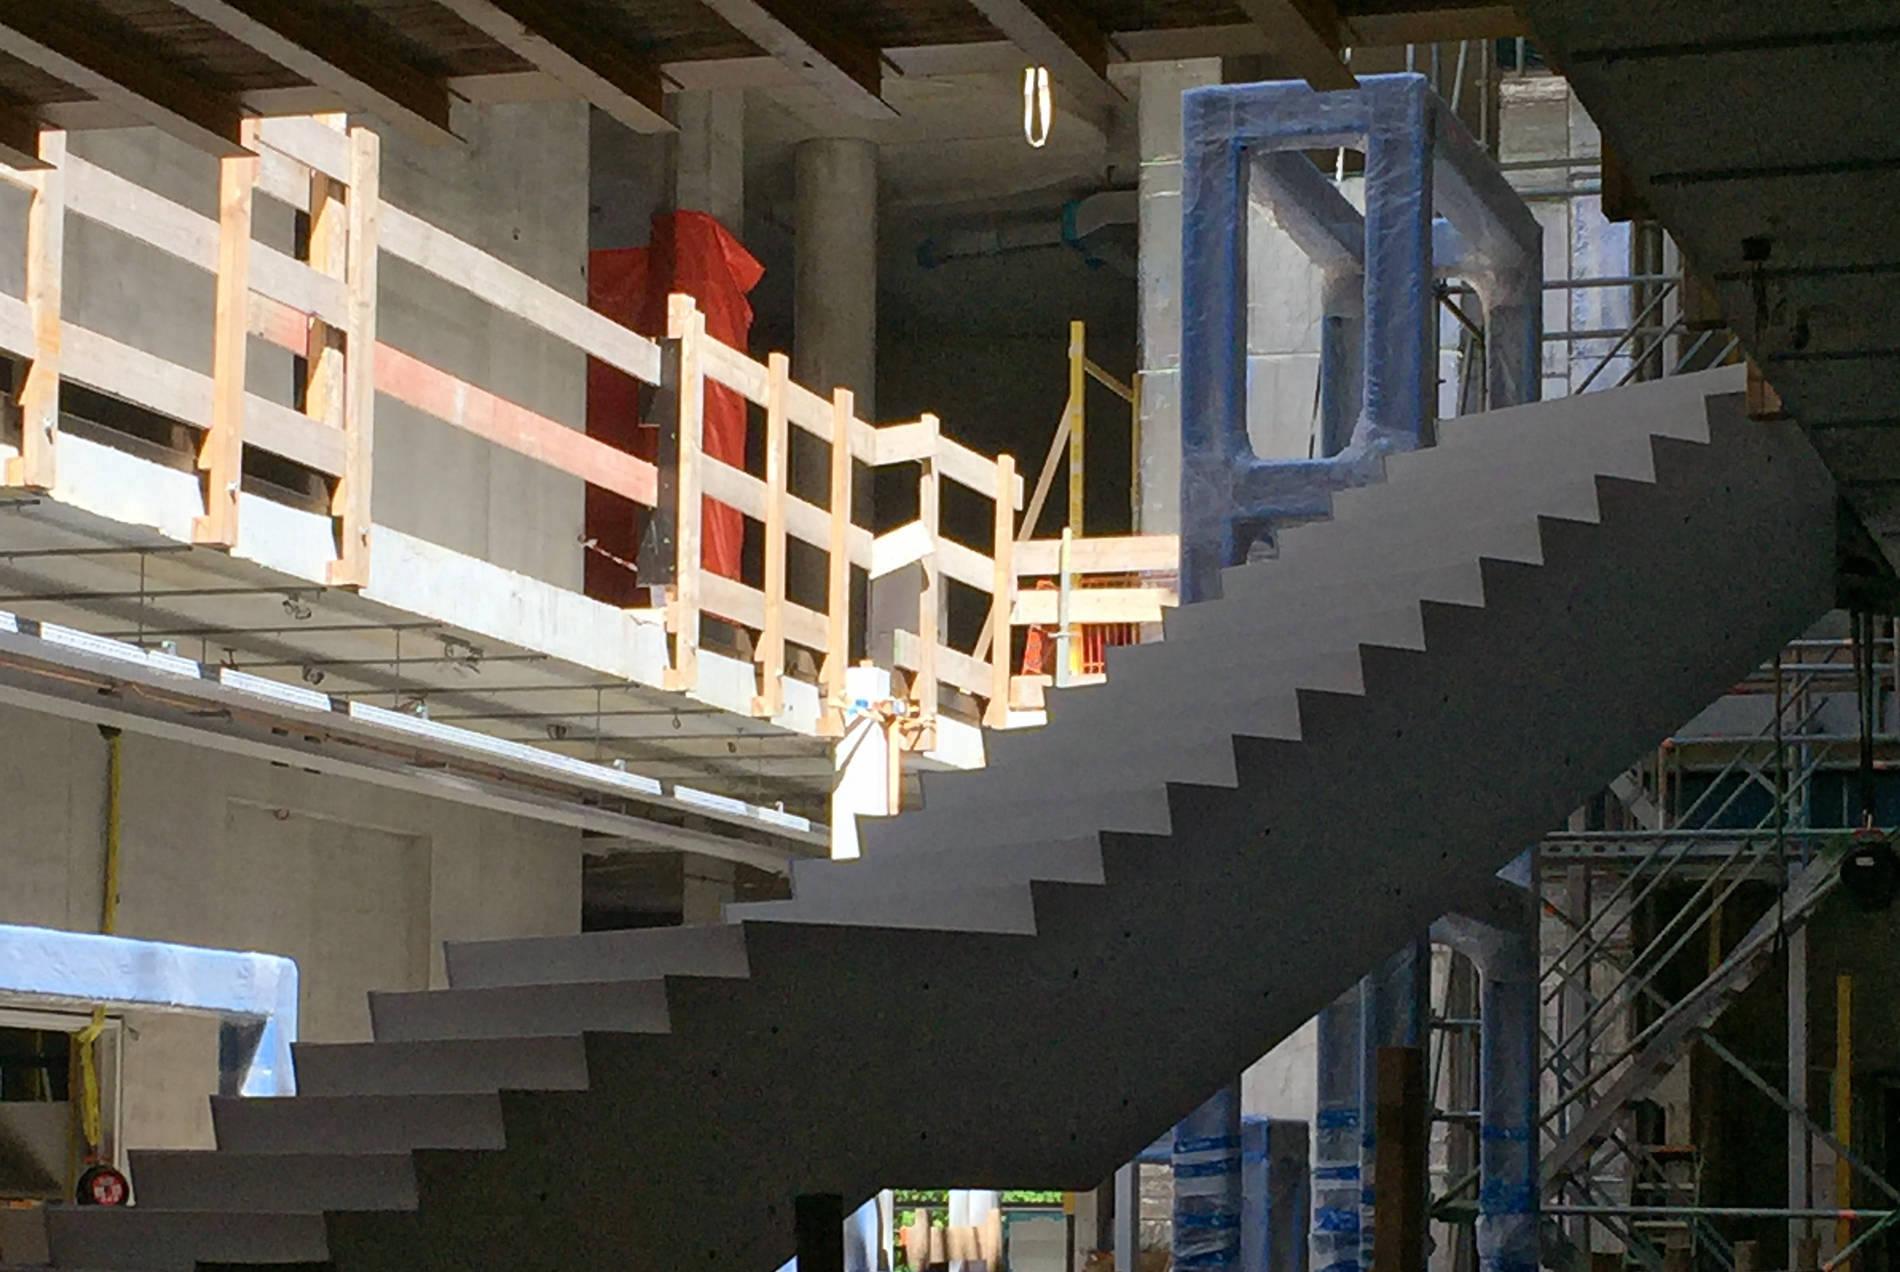 Depot Boijmans Van Beuningen. Im Zickzack-Verlauf führen Treppen an den Vitrinen vorbei durch das Atrium bis hoch zum Dachgarten.